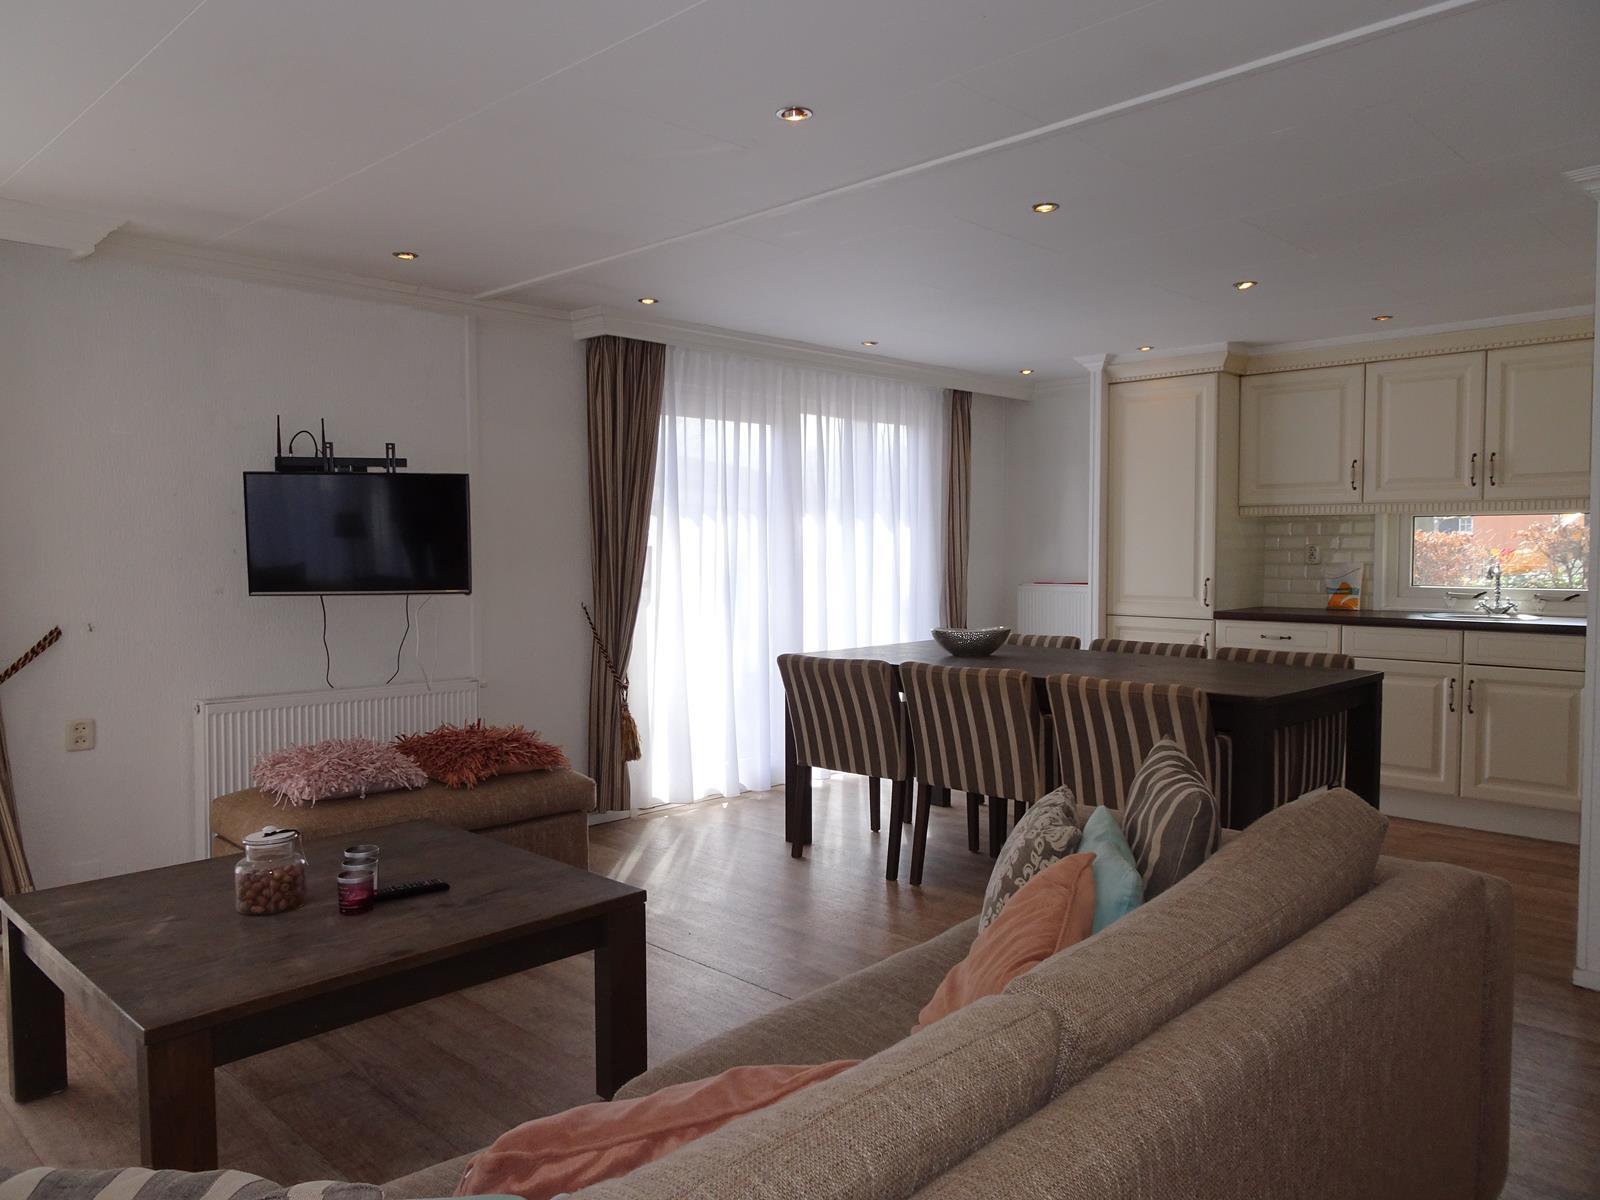 Vakantiehuis te koop Limburg Susteren 139 022.jpg